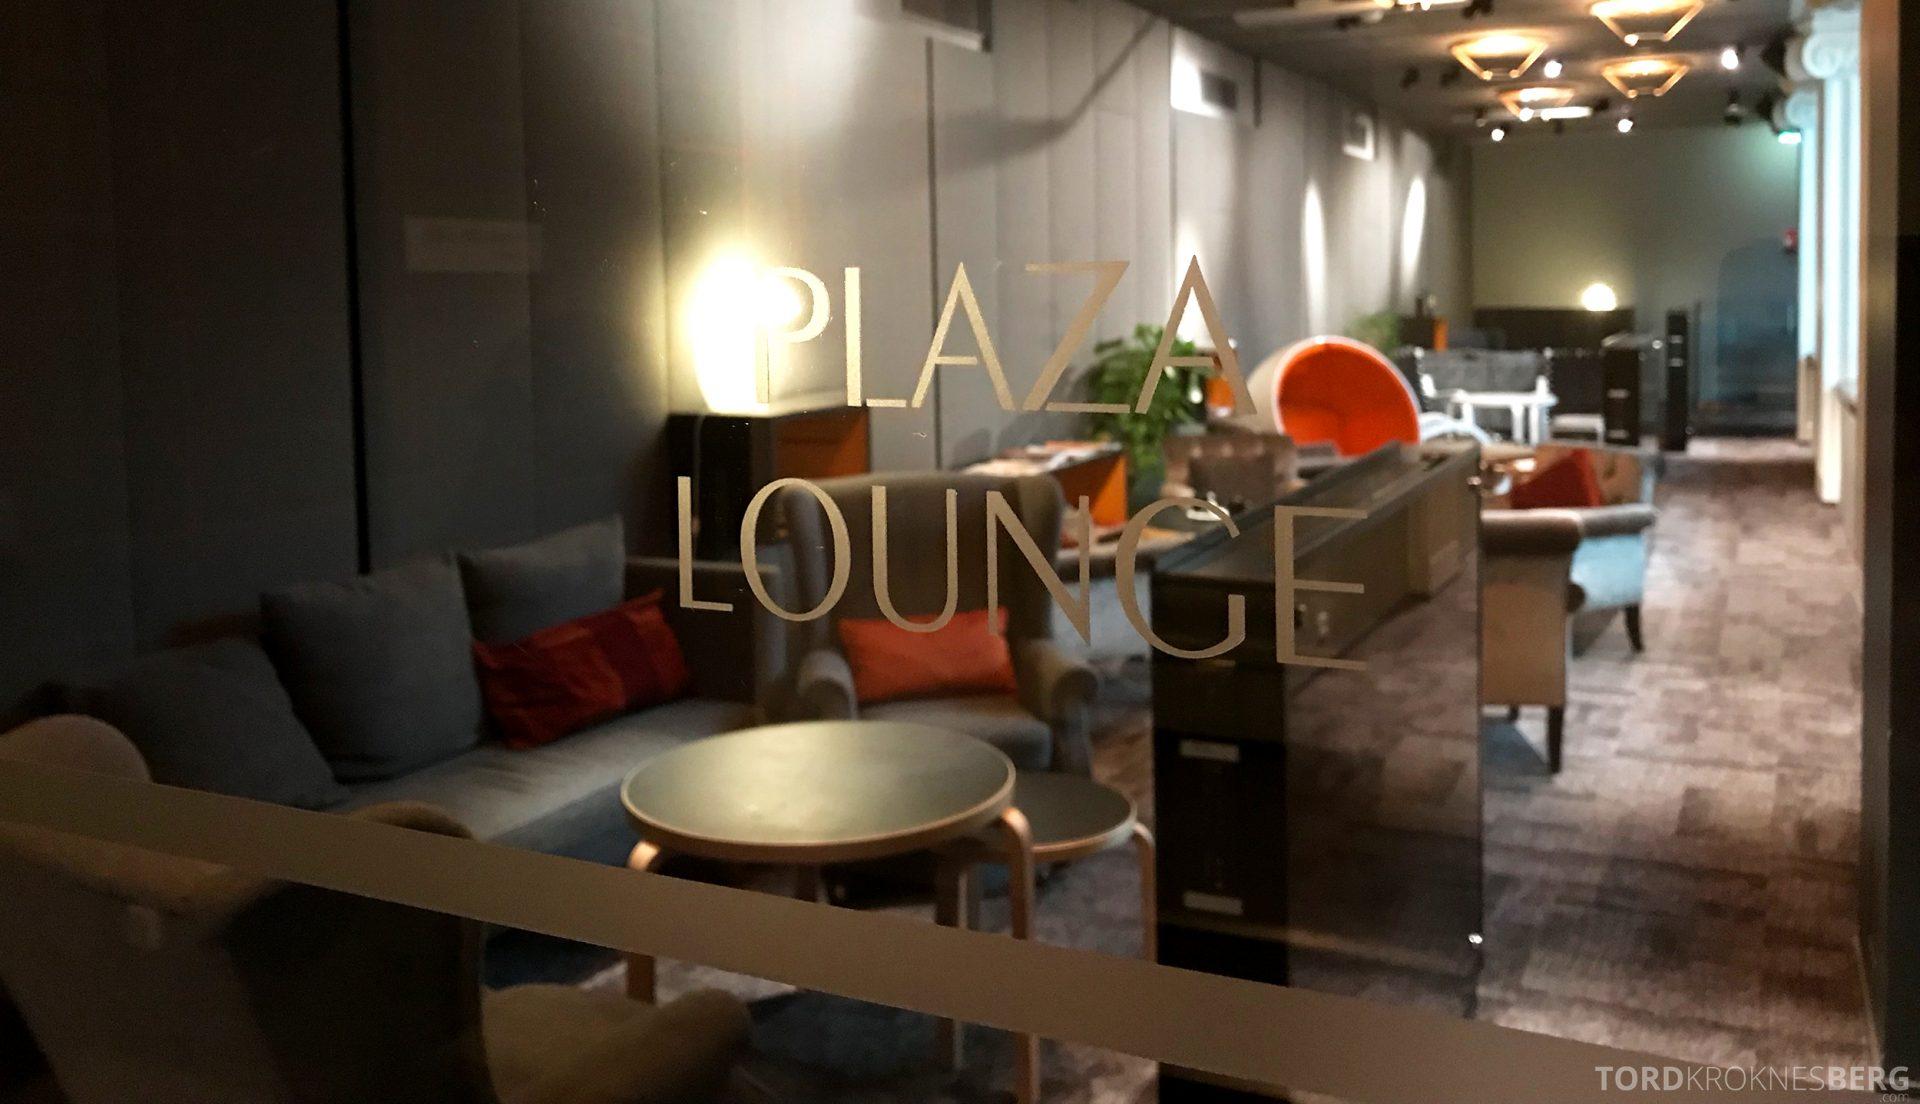 Radisson Blu Plaza Hotel Lounge Helsinki Plaza Lounge